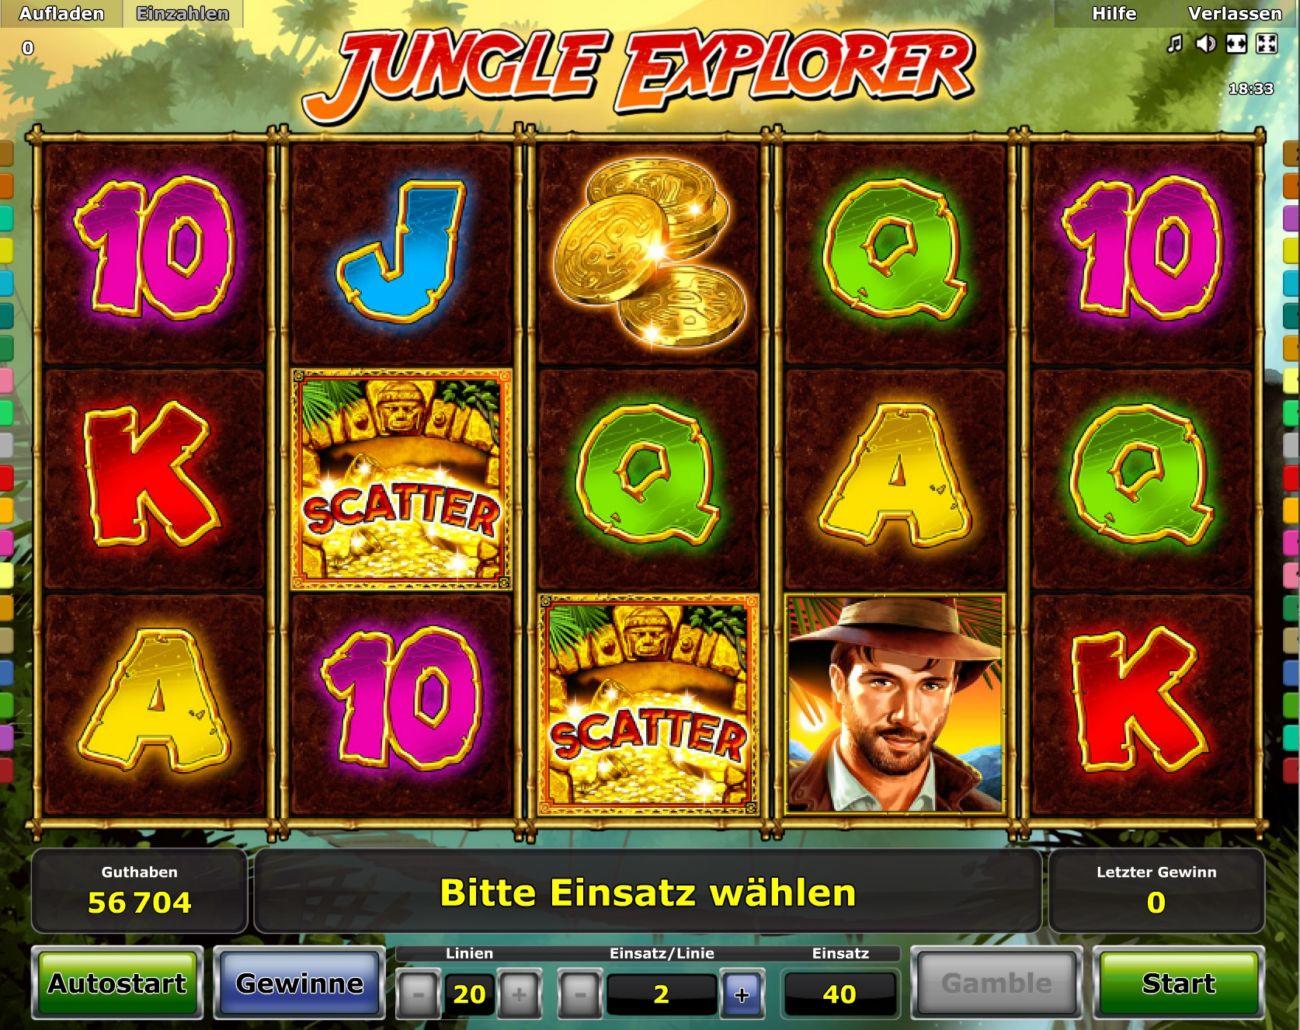 beste online casino forum sofort spielen kostenlos